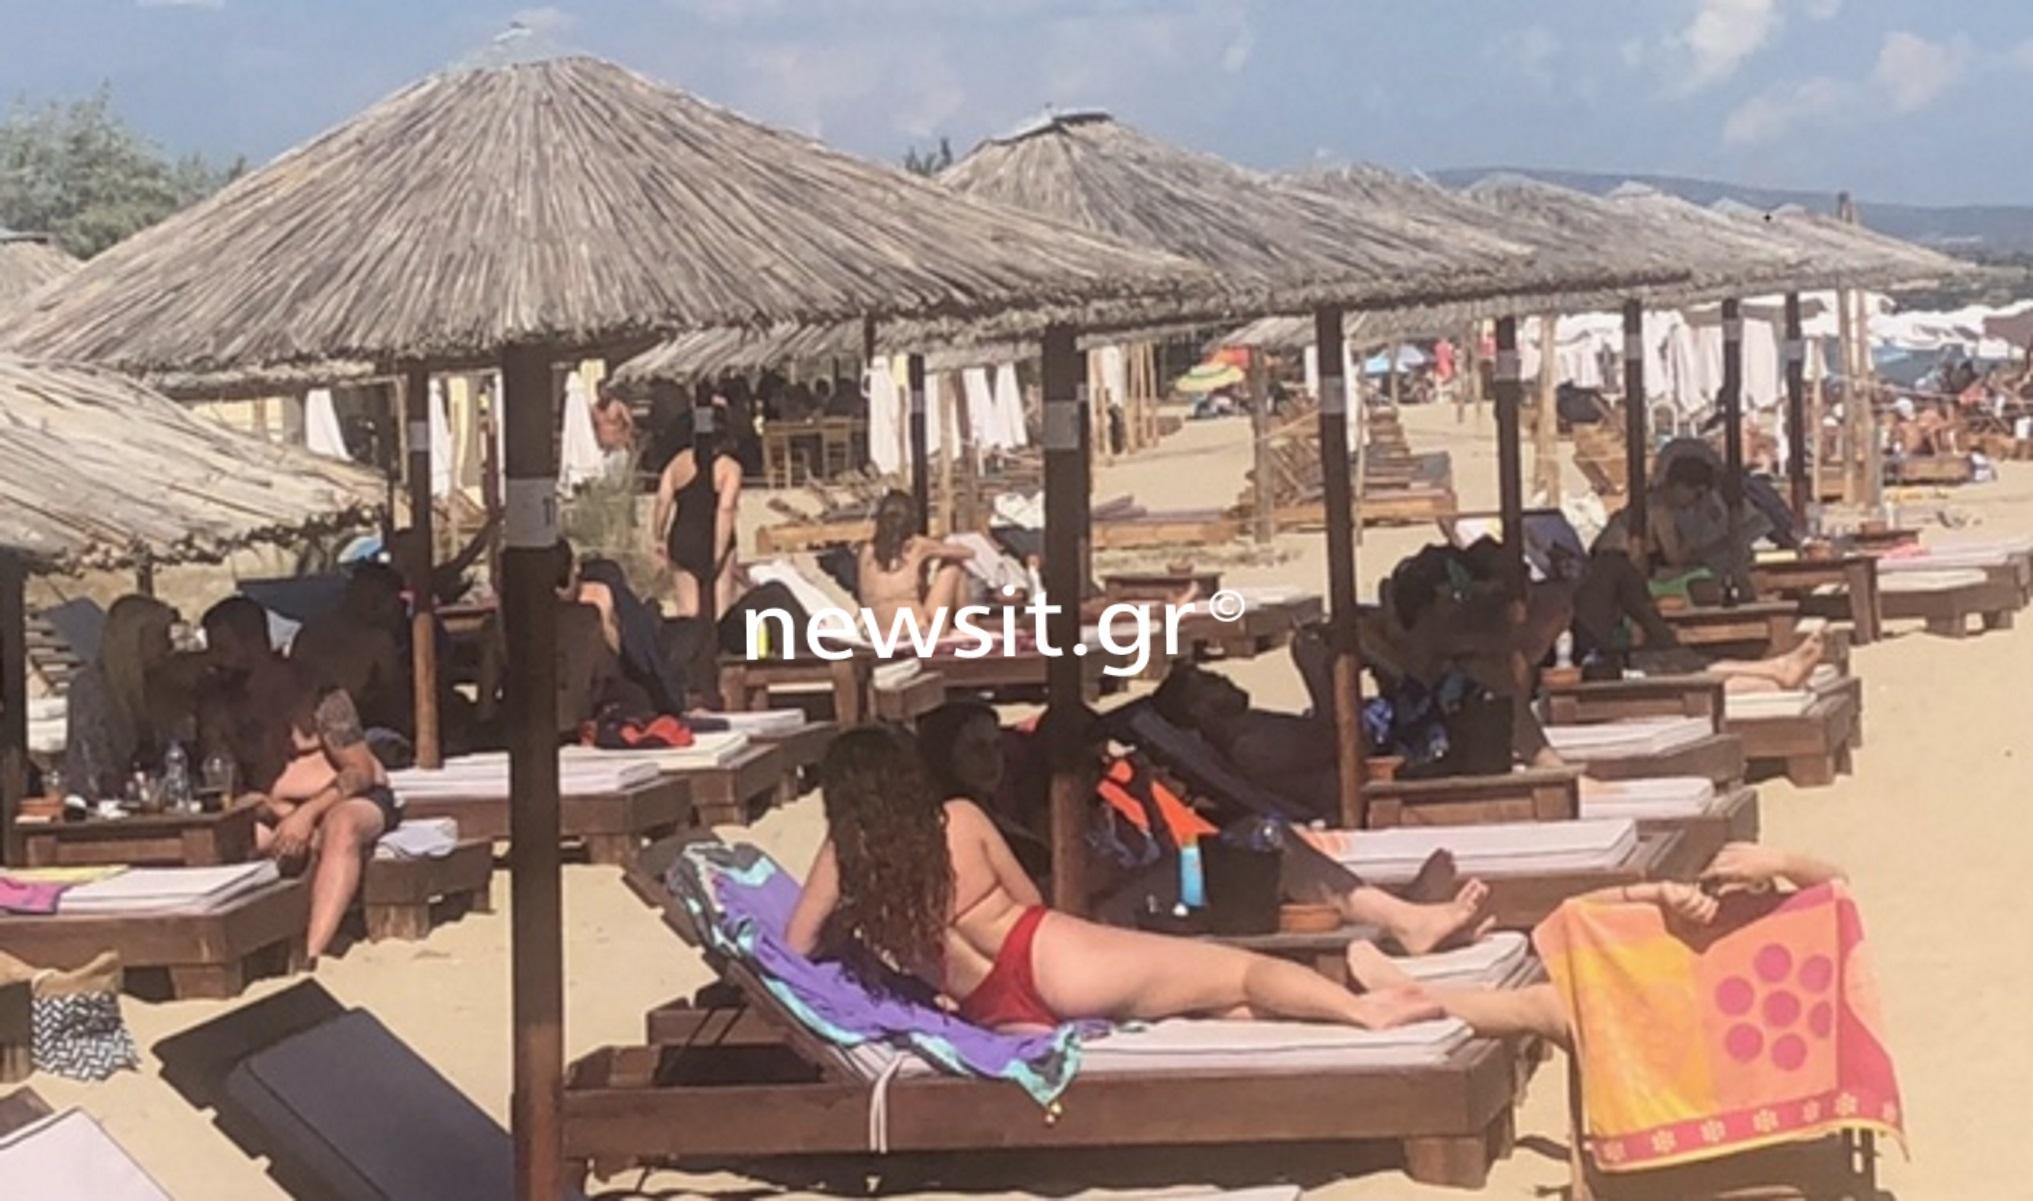 Καιρός – καύσωνας: Άδειασε η Θεσσαλονίκη, γέμισαν οι παραλίες